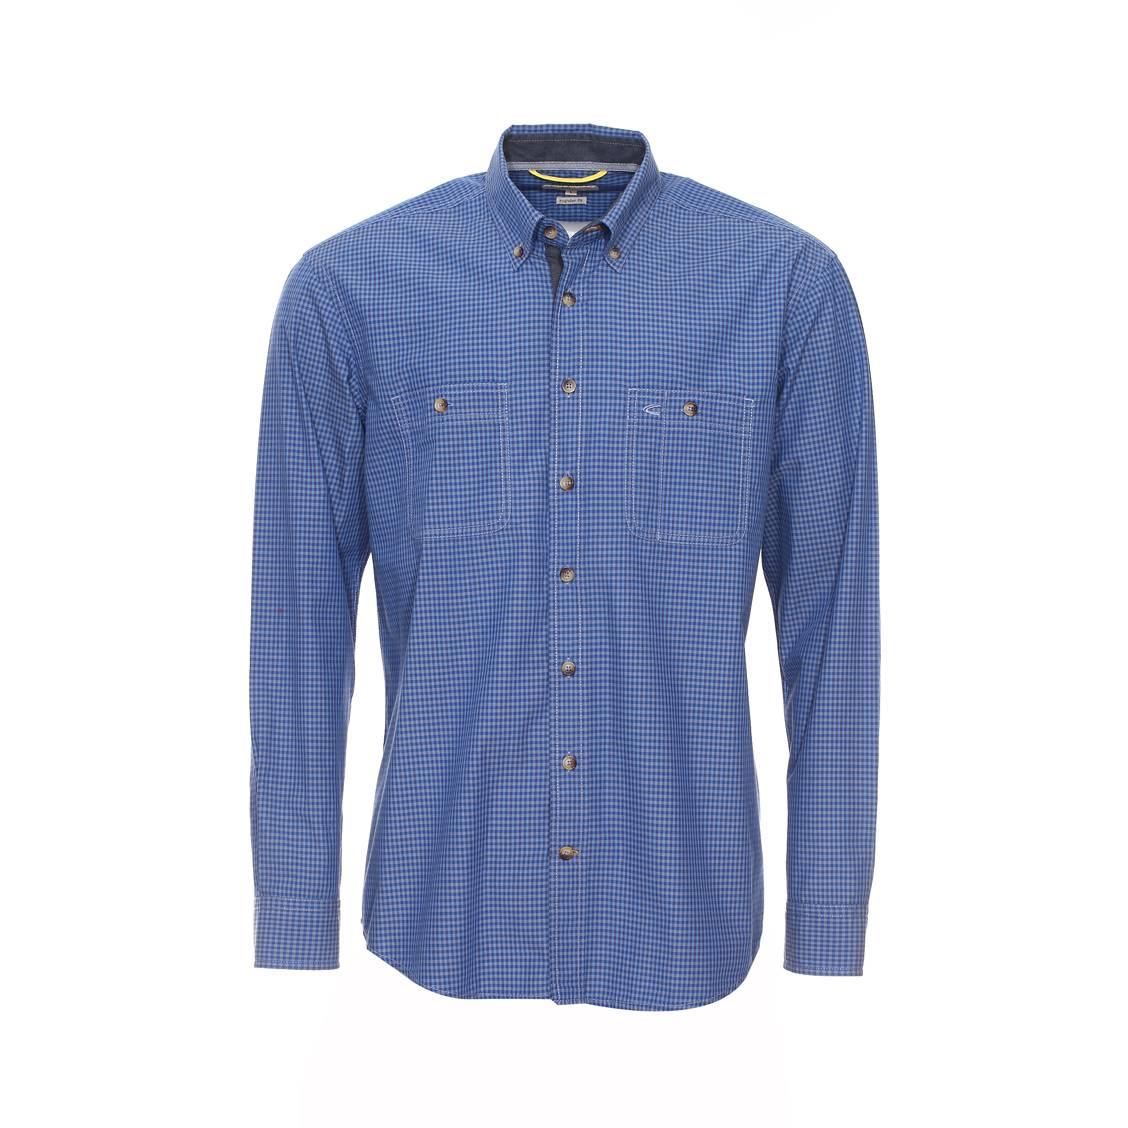 chemise droite camel active petits carreaux bleu marine gris et bleus rue des hommes. Black Bedroom Furniture Sets. Home Design Ideas